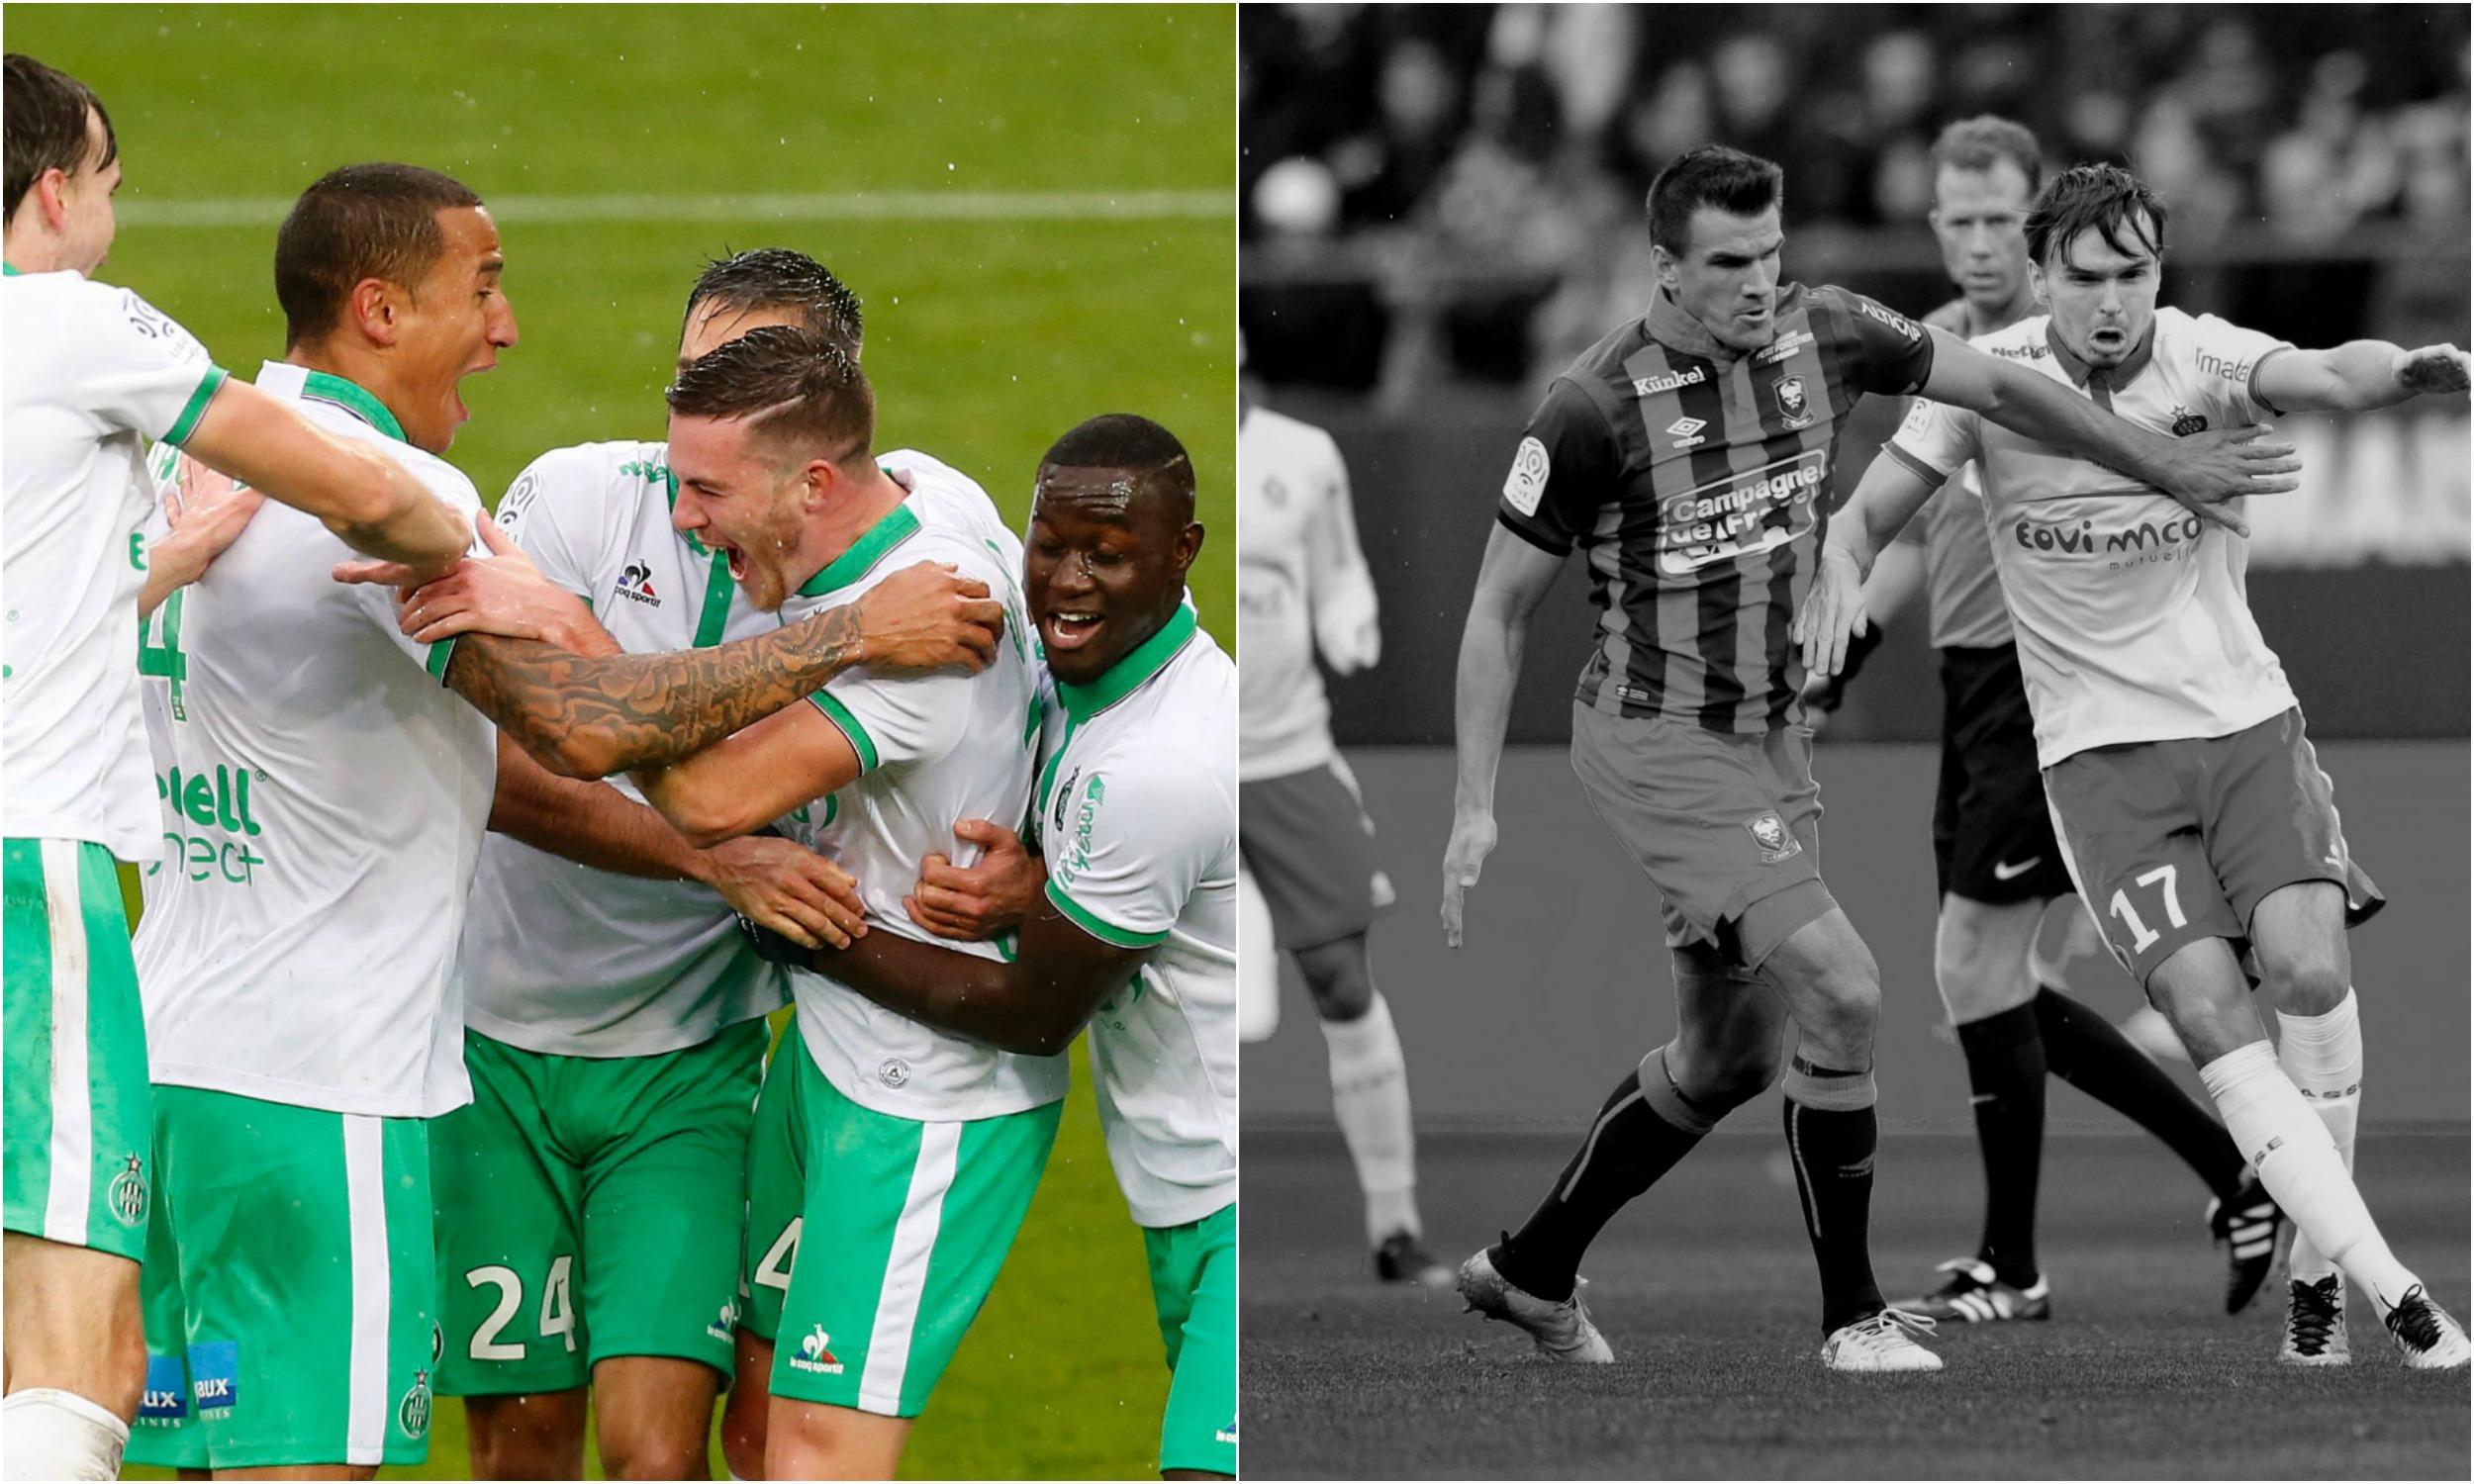 Football - Ligue 1 - Caen-Saint-Etienne : les recrues décisives, Santini dans l'impasse